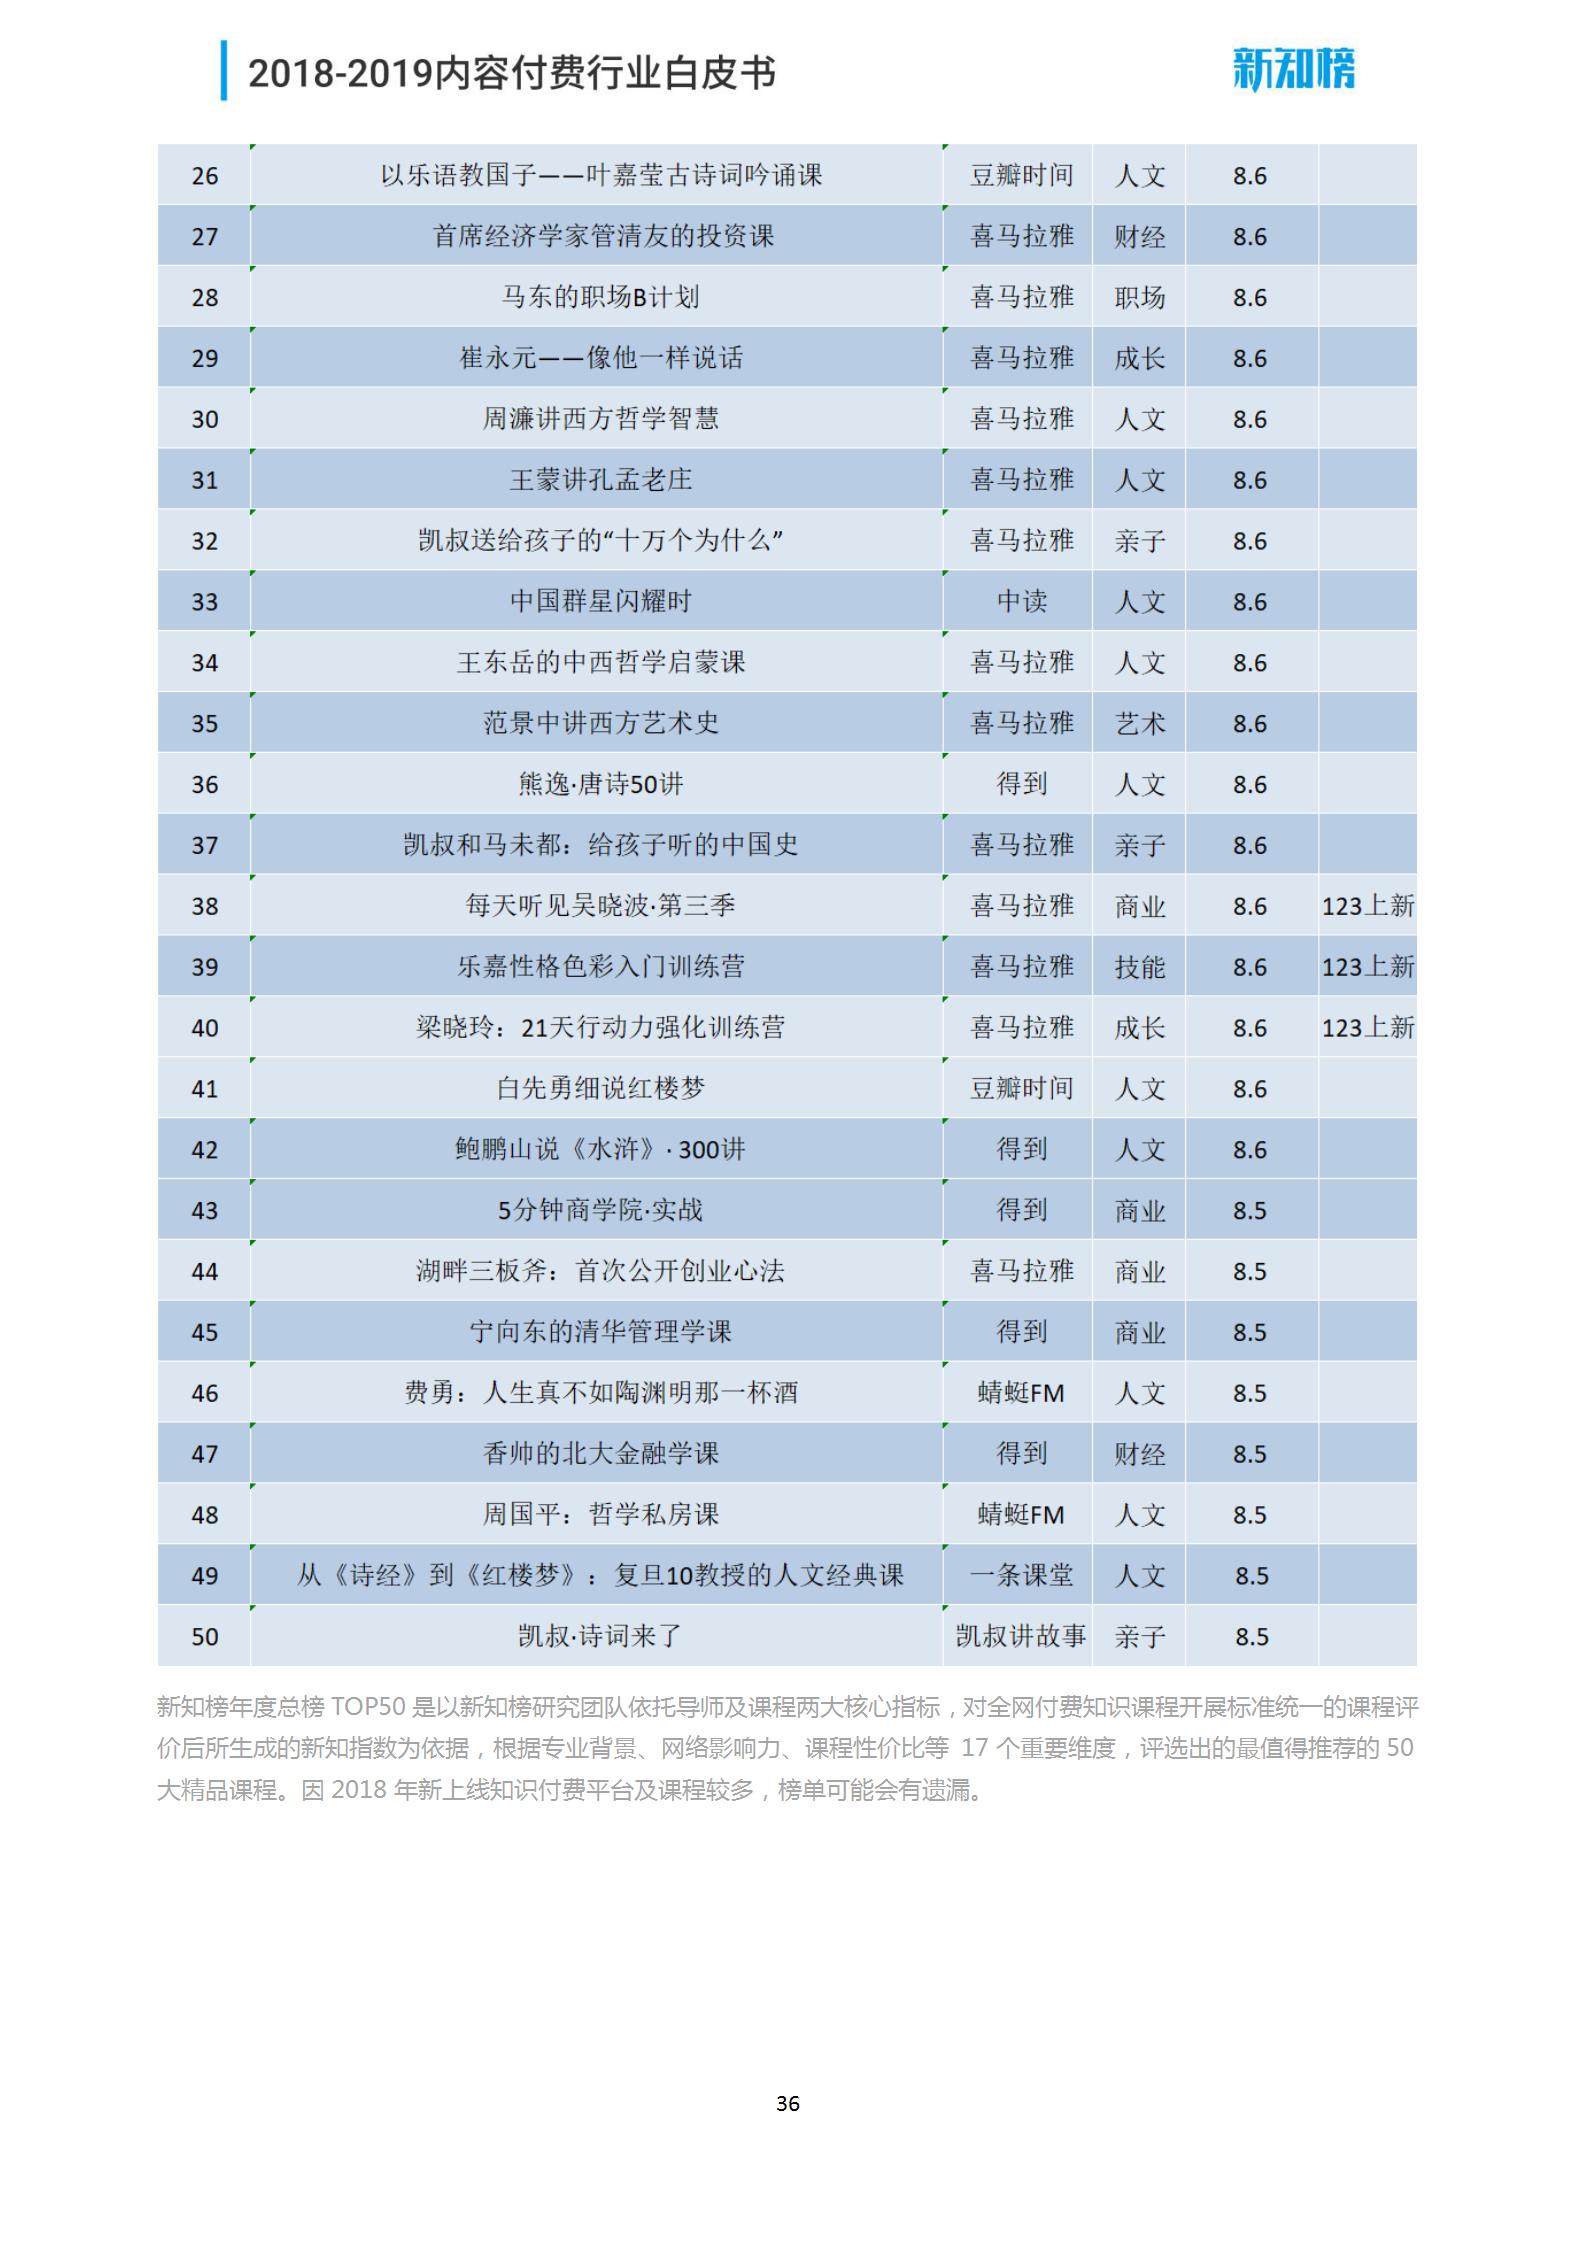 新知榜2018-2019内容付费行业白皮书_36.png